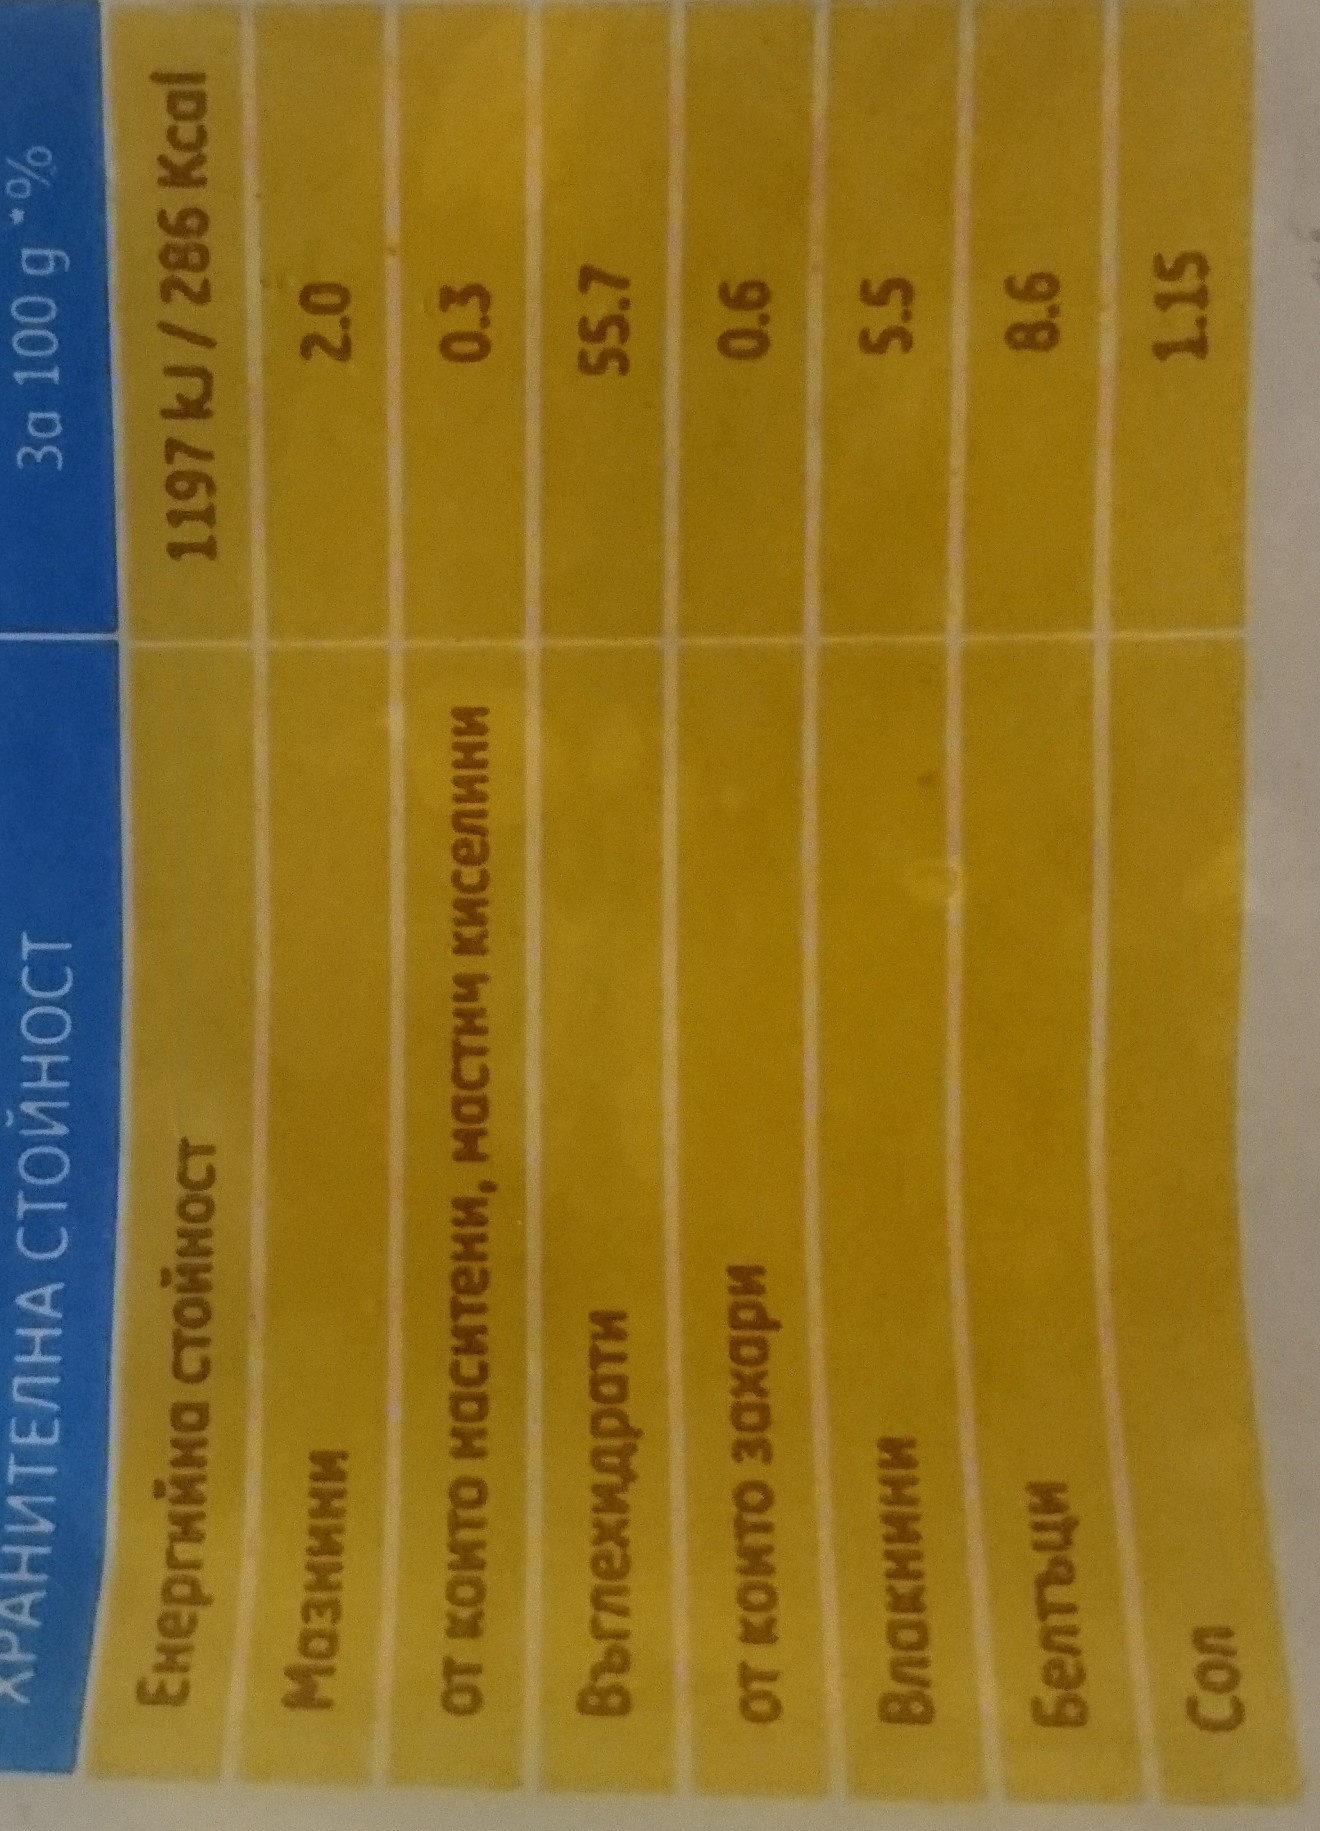 Зърнена мозайка - Хранителна информация - bg